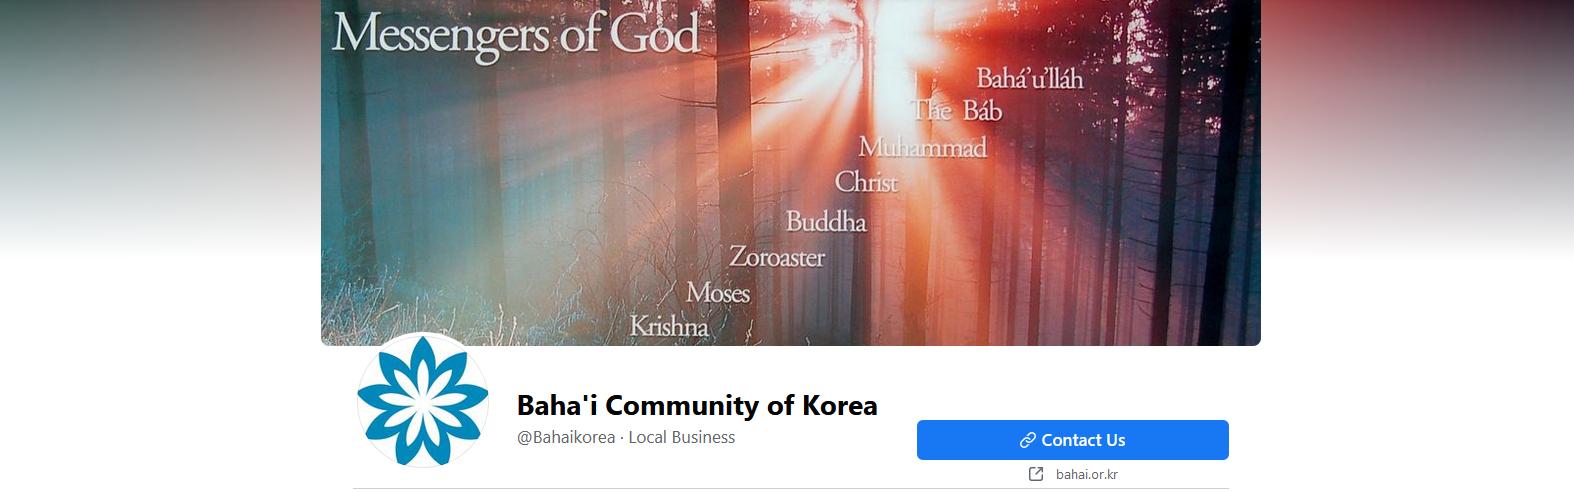 Bahai Journal The Bahá'í Community of Korea